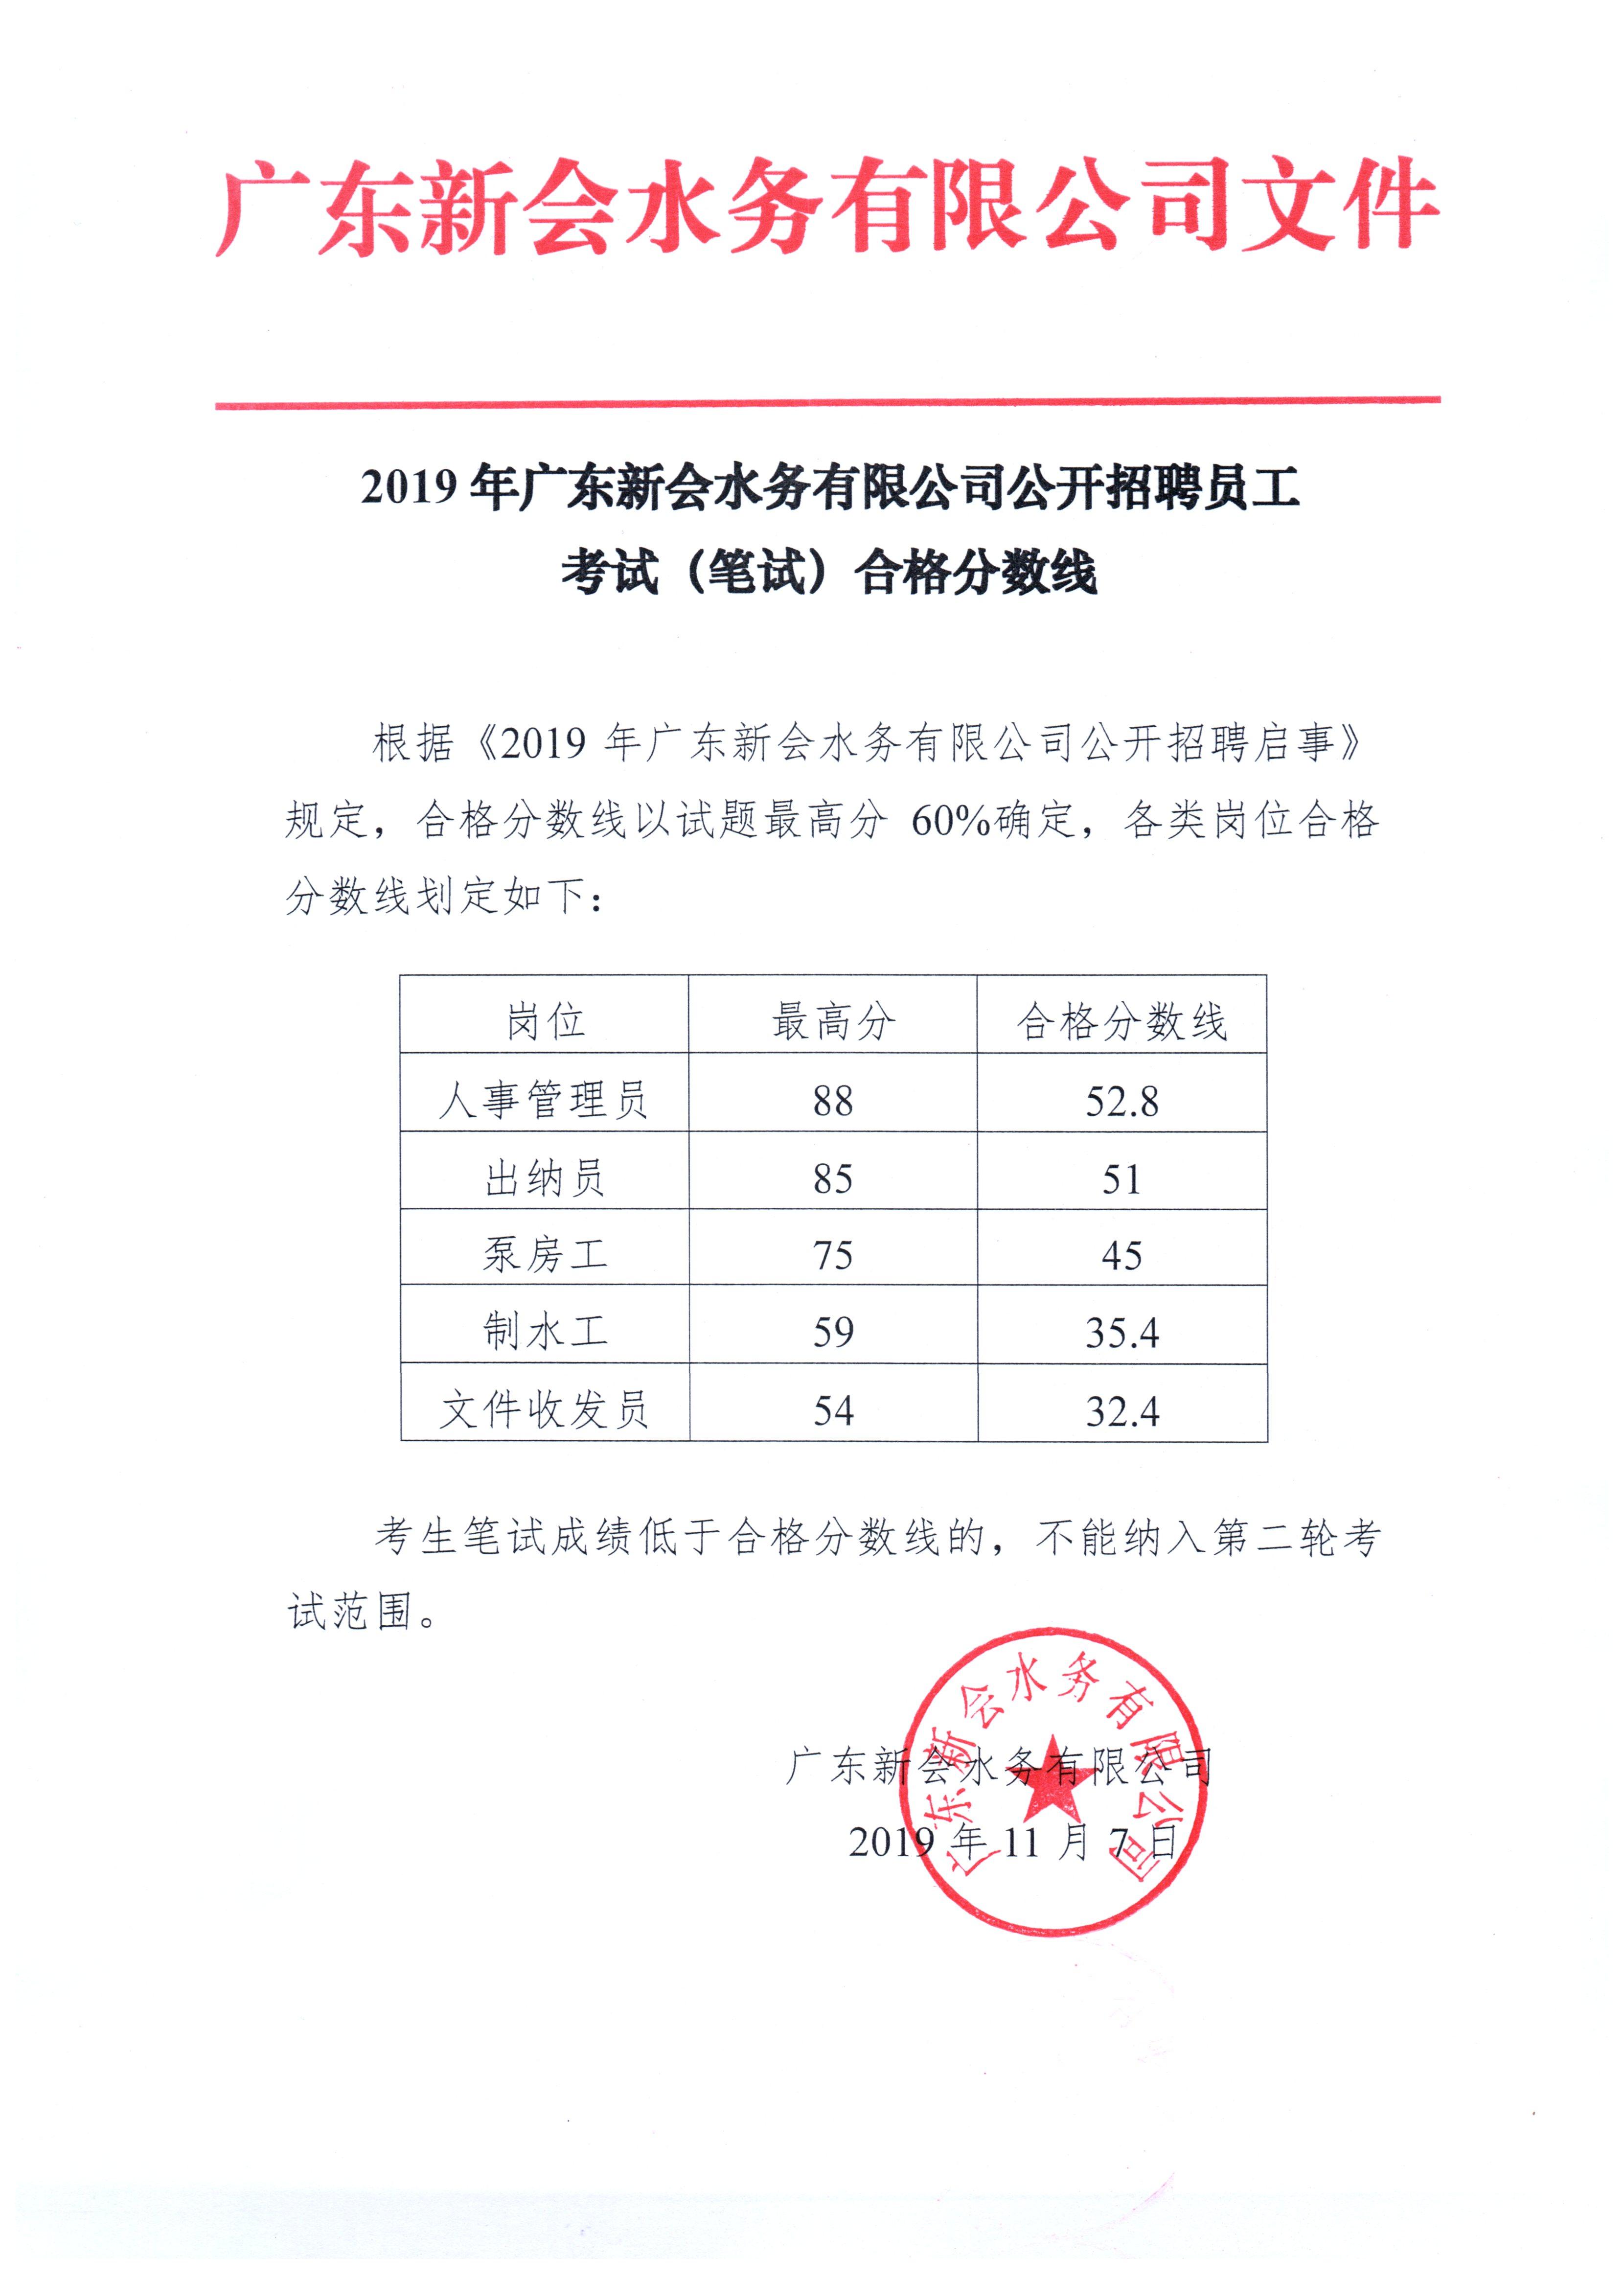 【企业招聘】新会水务公司公开招聘员工考试(笔试)合格分数线公布.docx图1.jpg